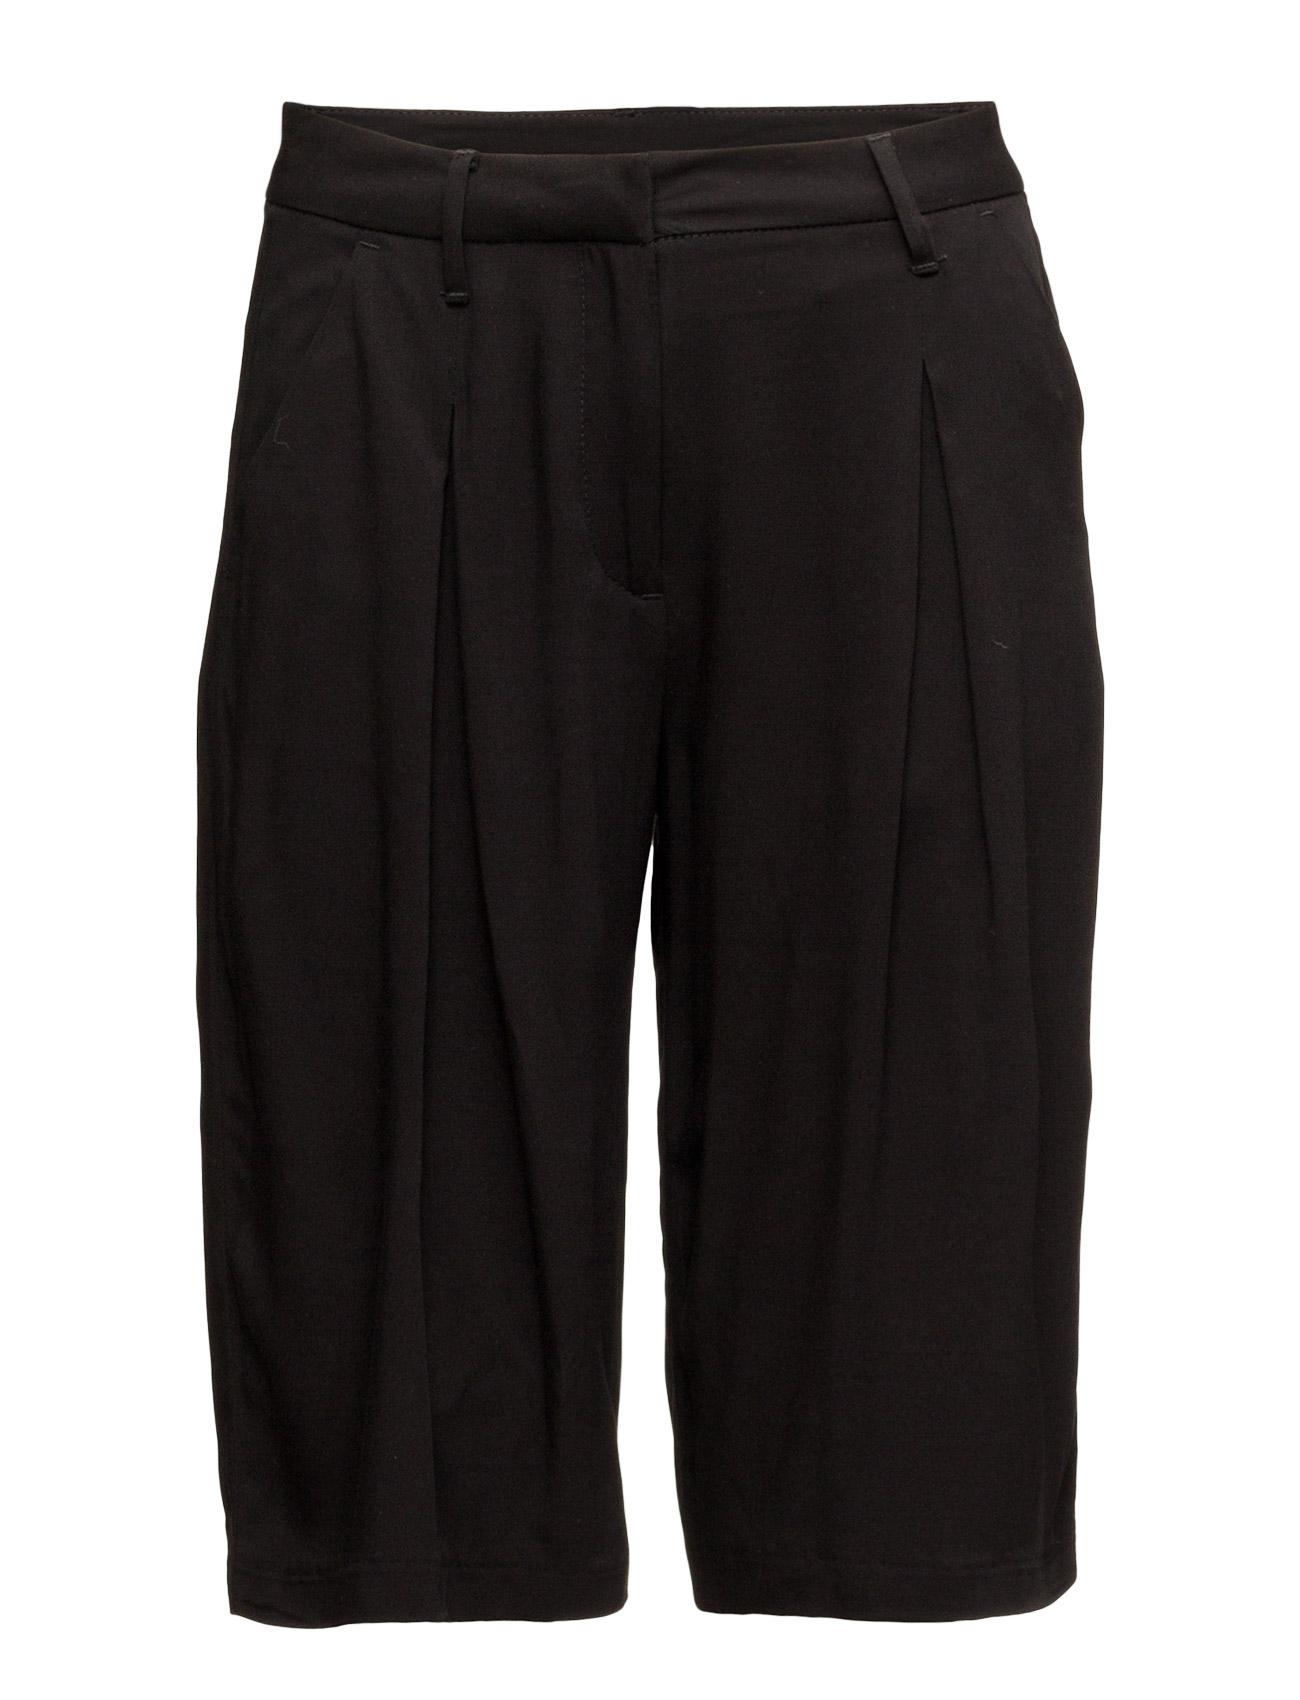 Vilma 390 Black, Shorts FIVEUNITS  til Damer i Sort